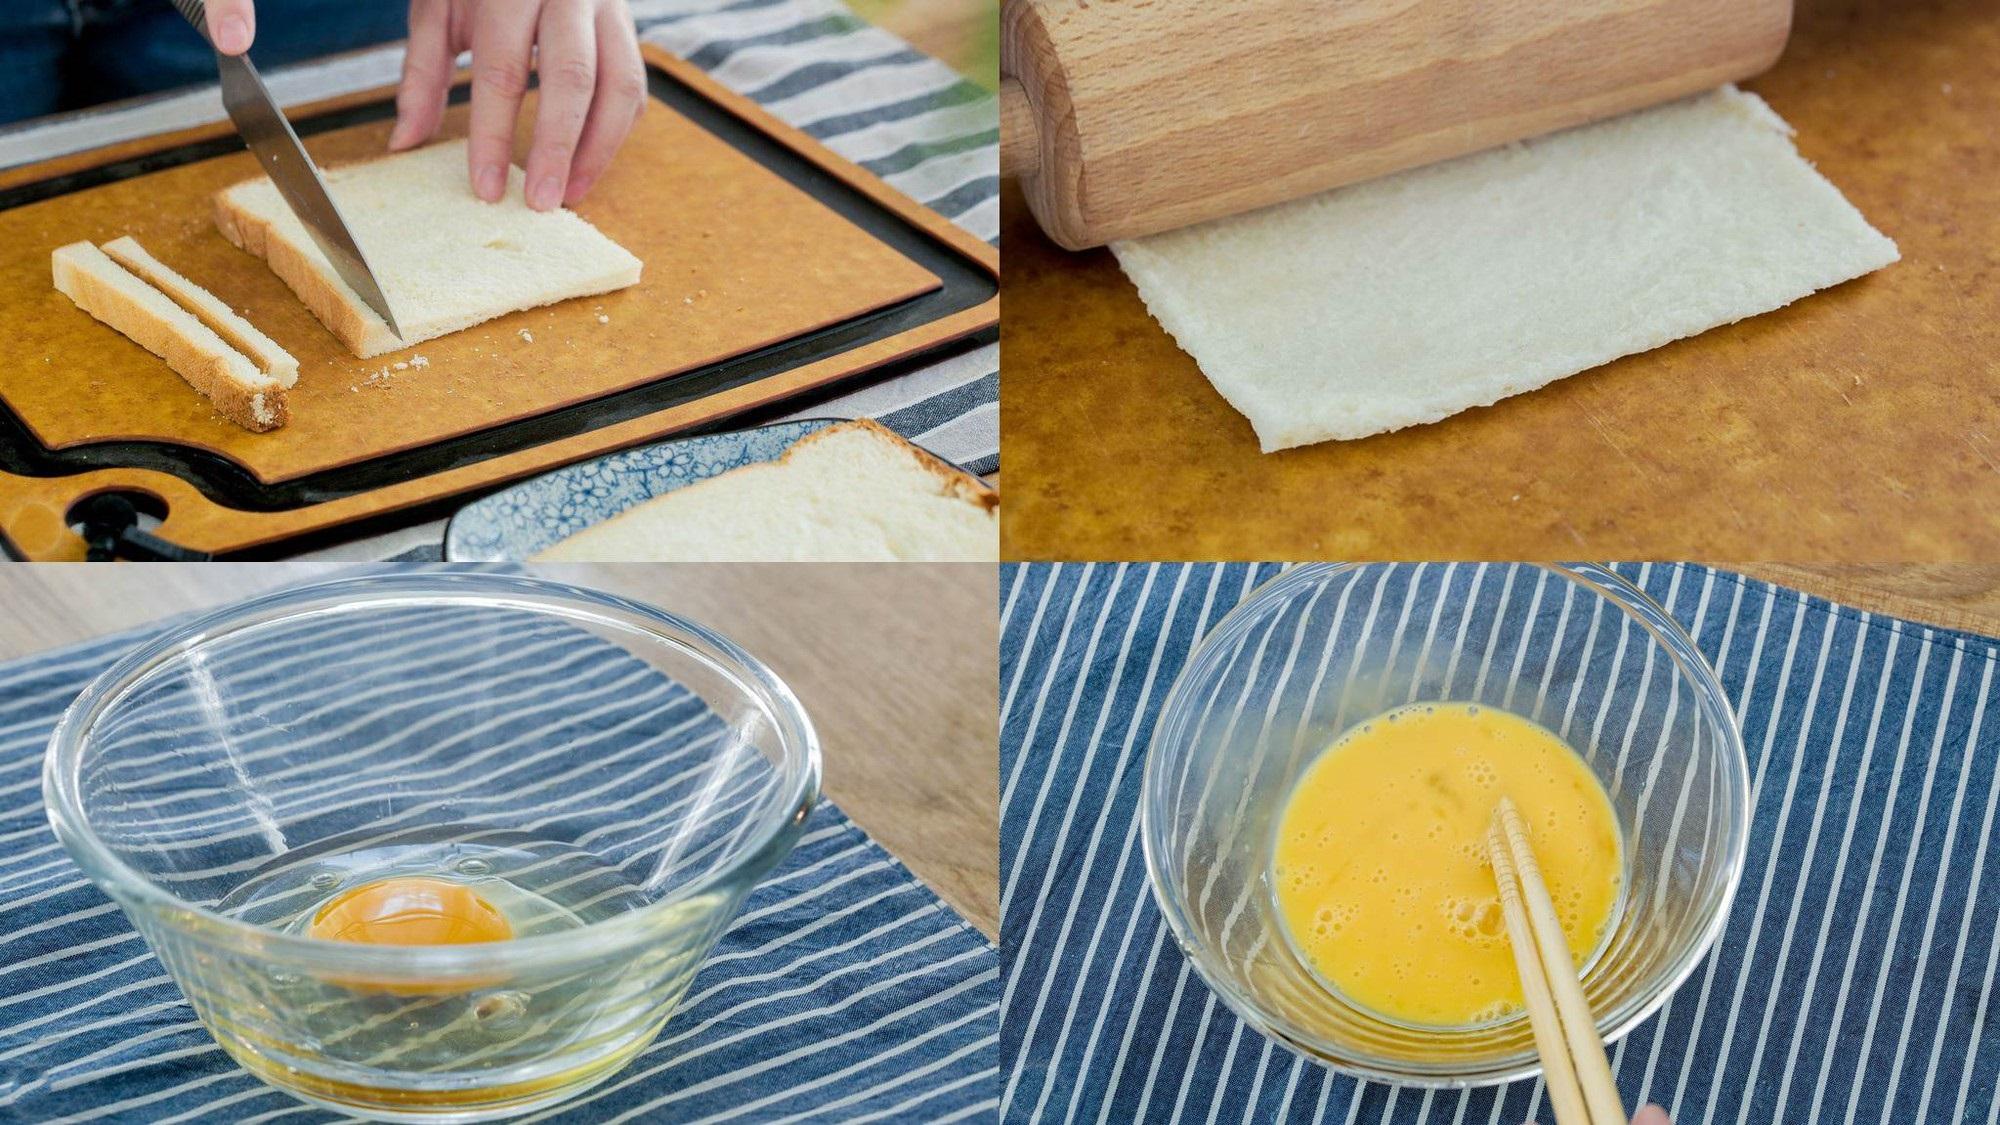 Bữa sáng ngon đẹp hết nấc với bánh mì cuộn chuối - Ảnh 1